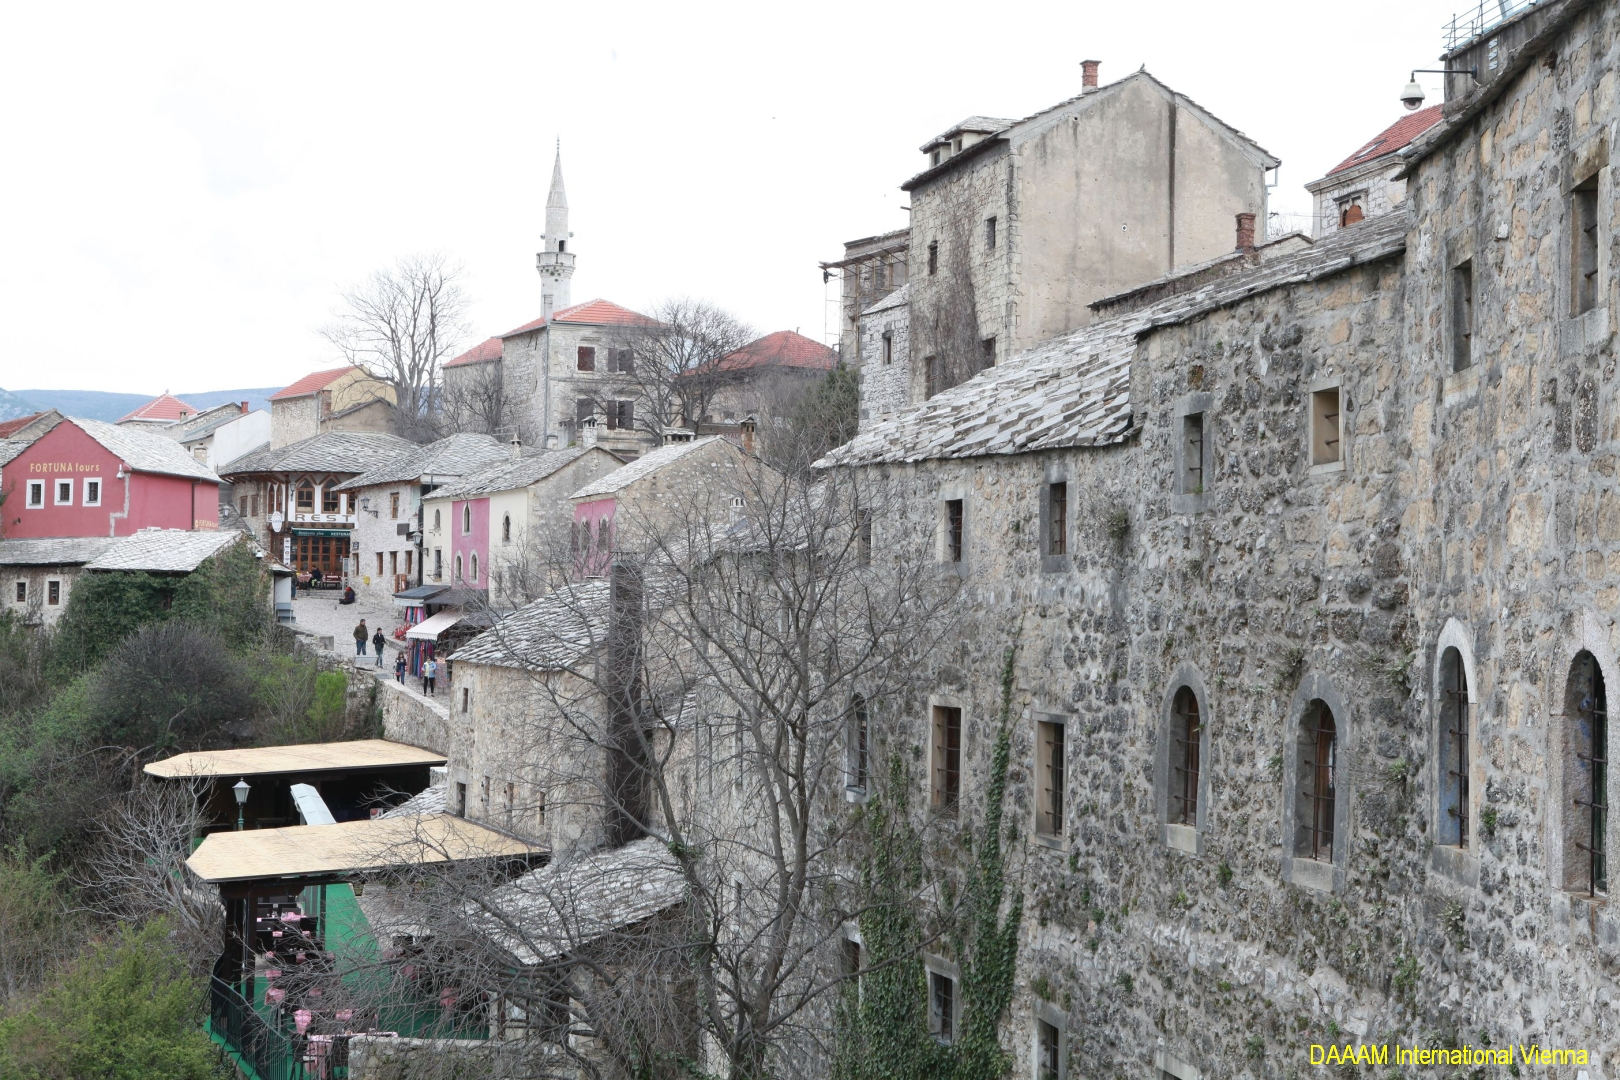 DAAAM_2016_Mostar_01_Magic_City_of_Mostar_075